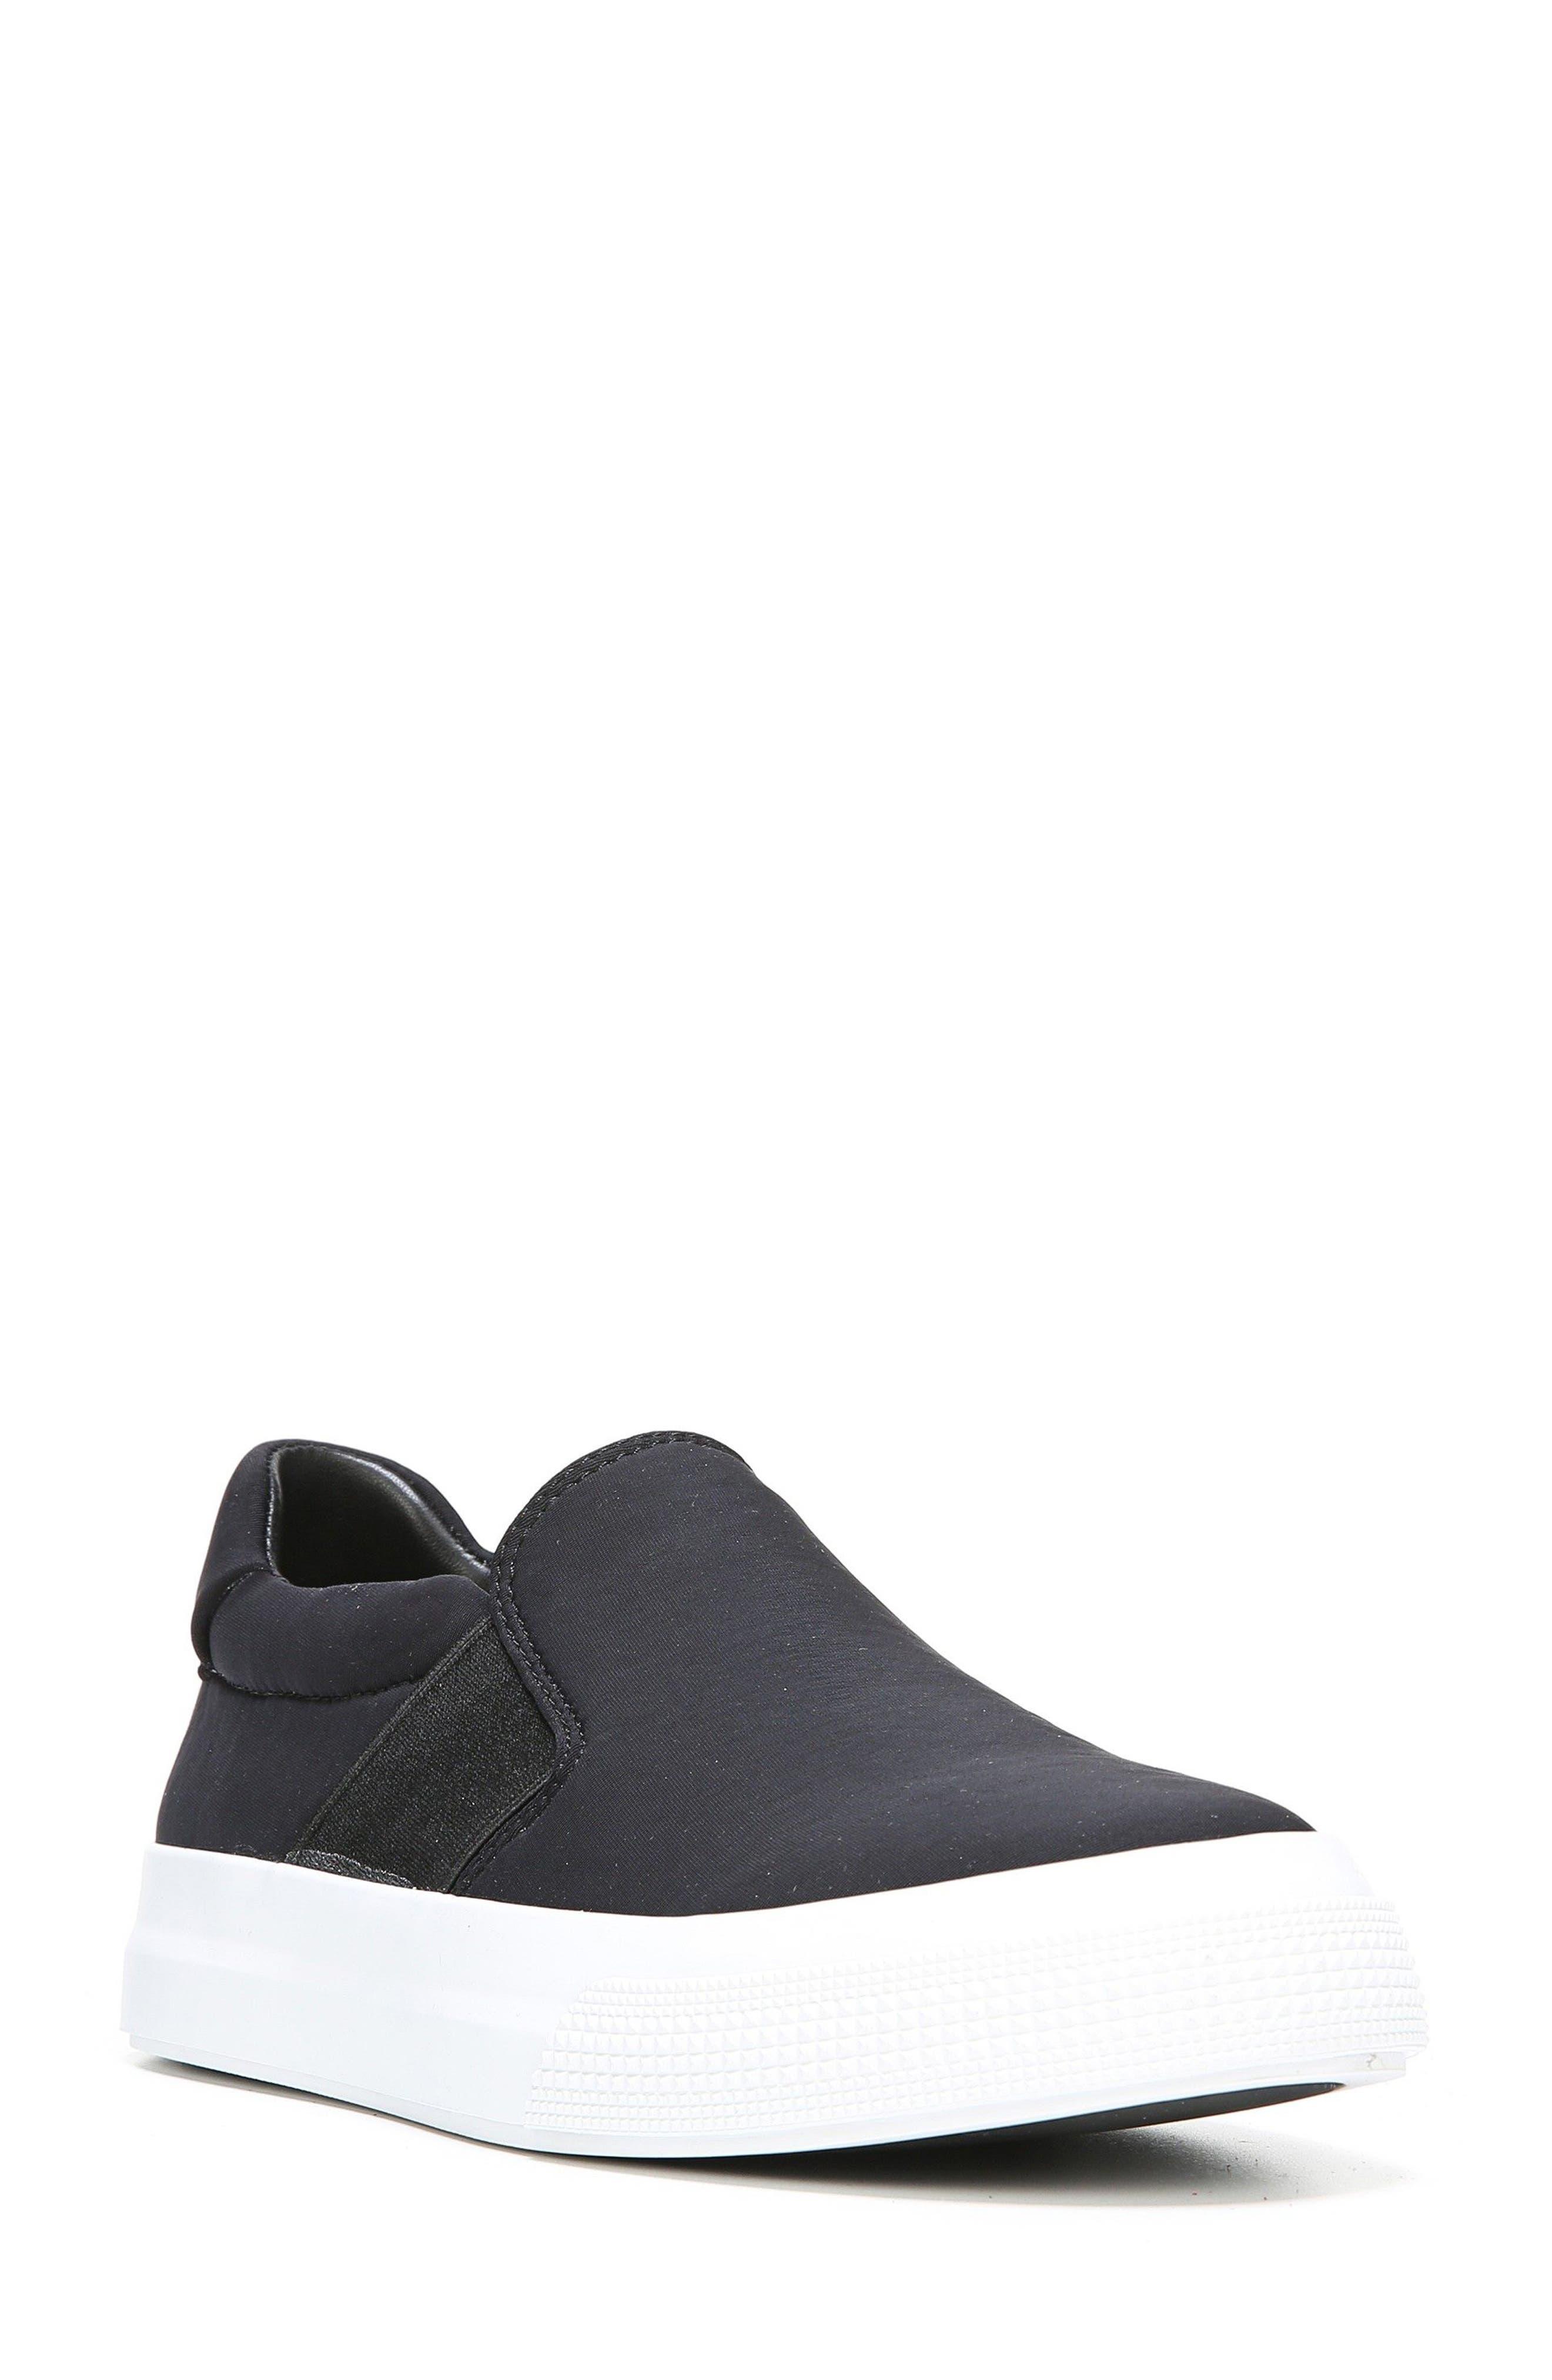 Torin Slip-On Sneaker,                             Main thumbnail 1, color,                             Black